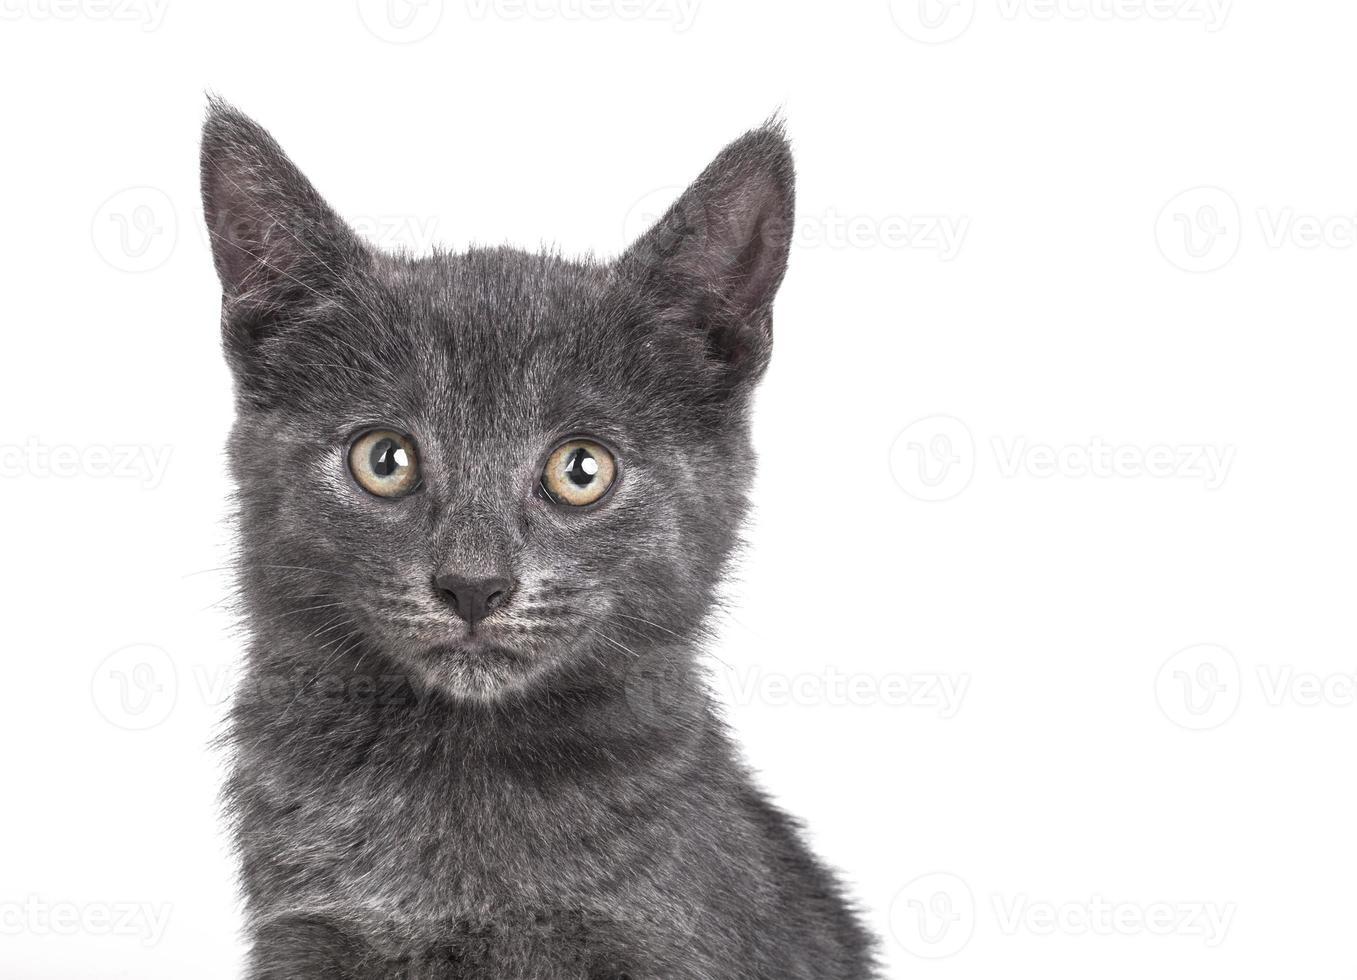 kleine grijze Britse kat foto